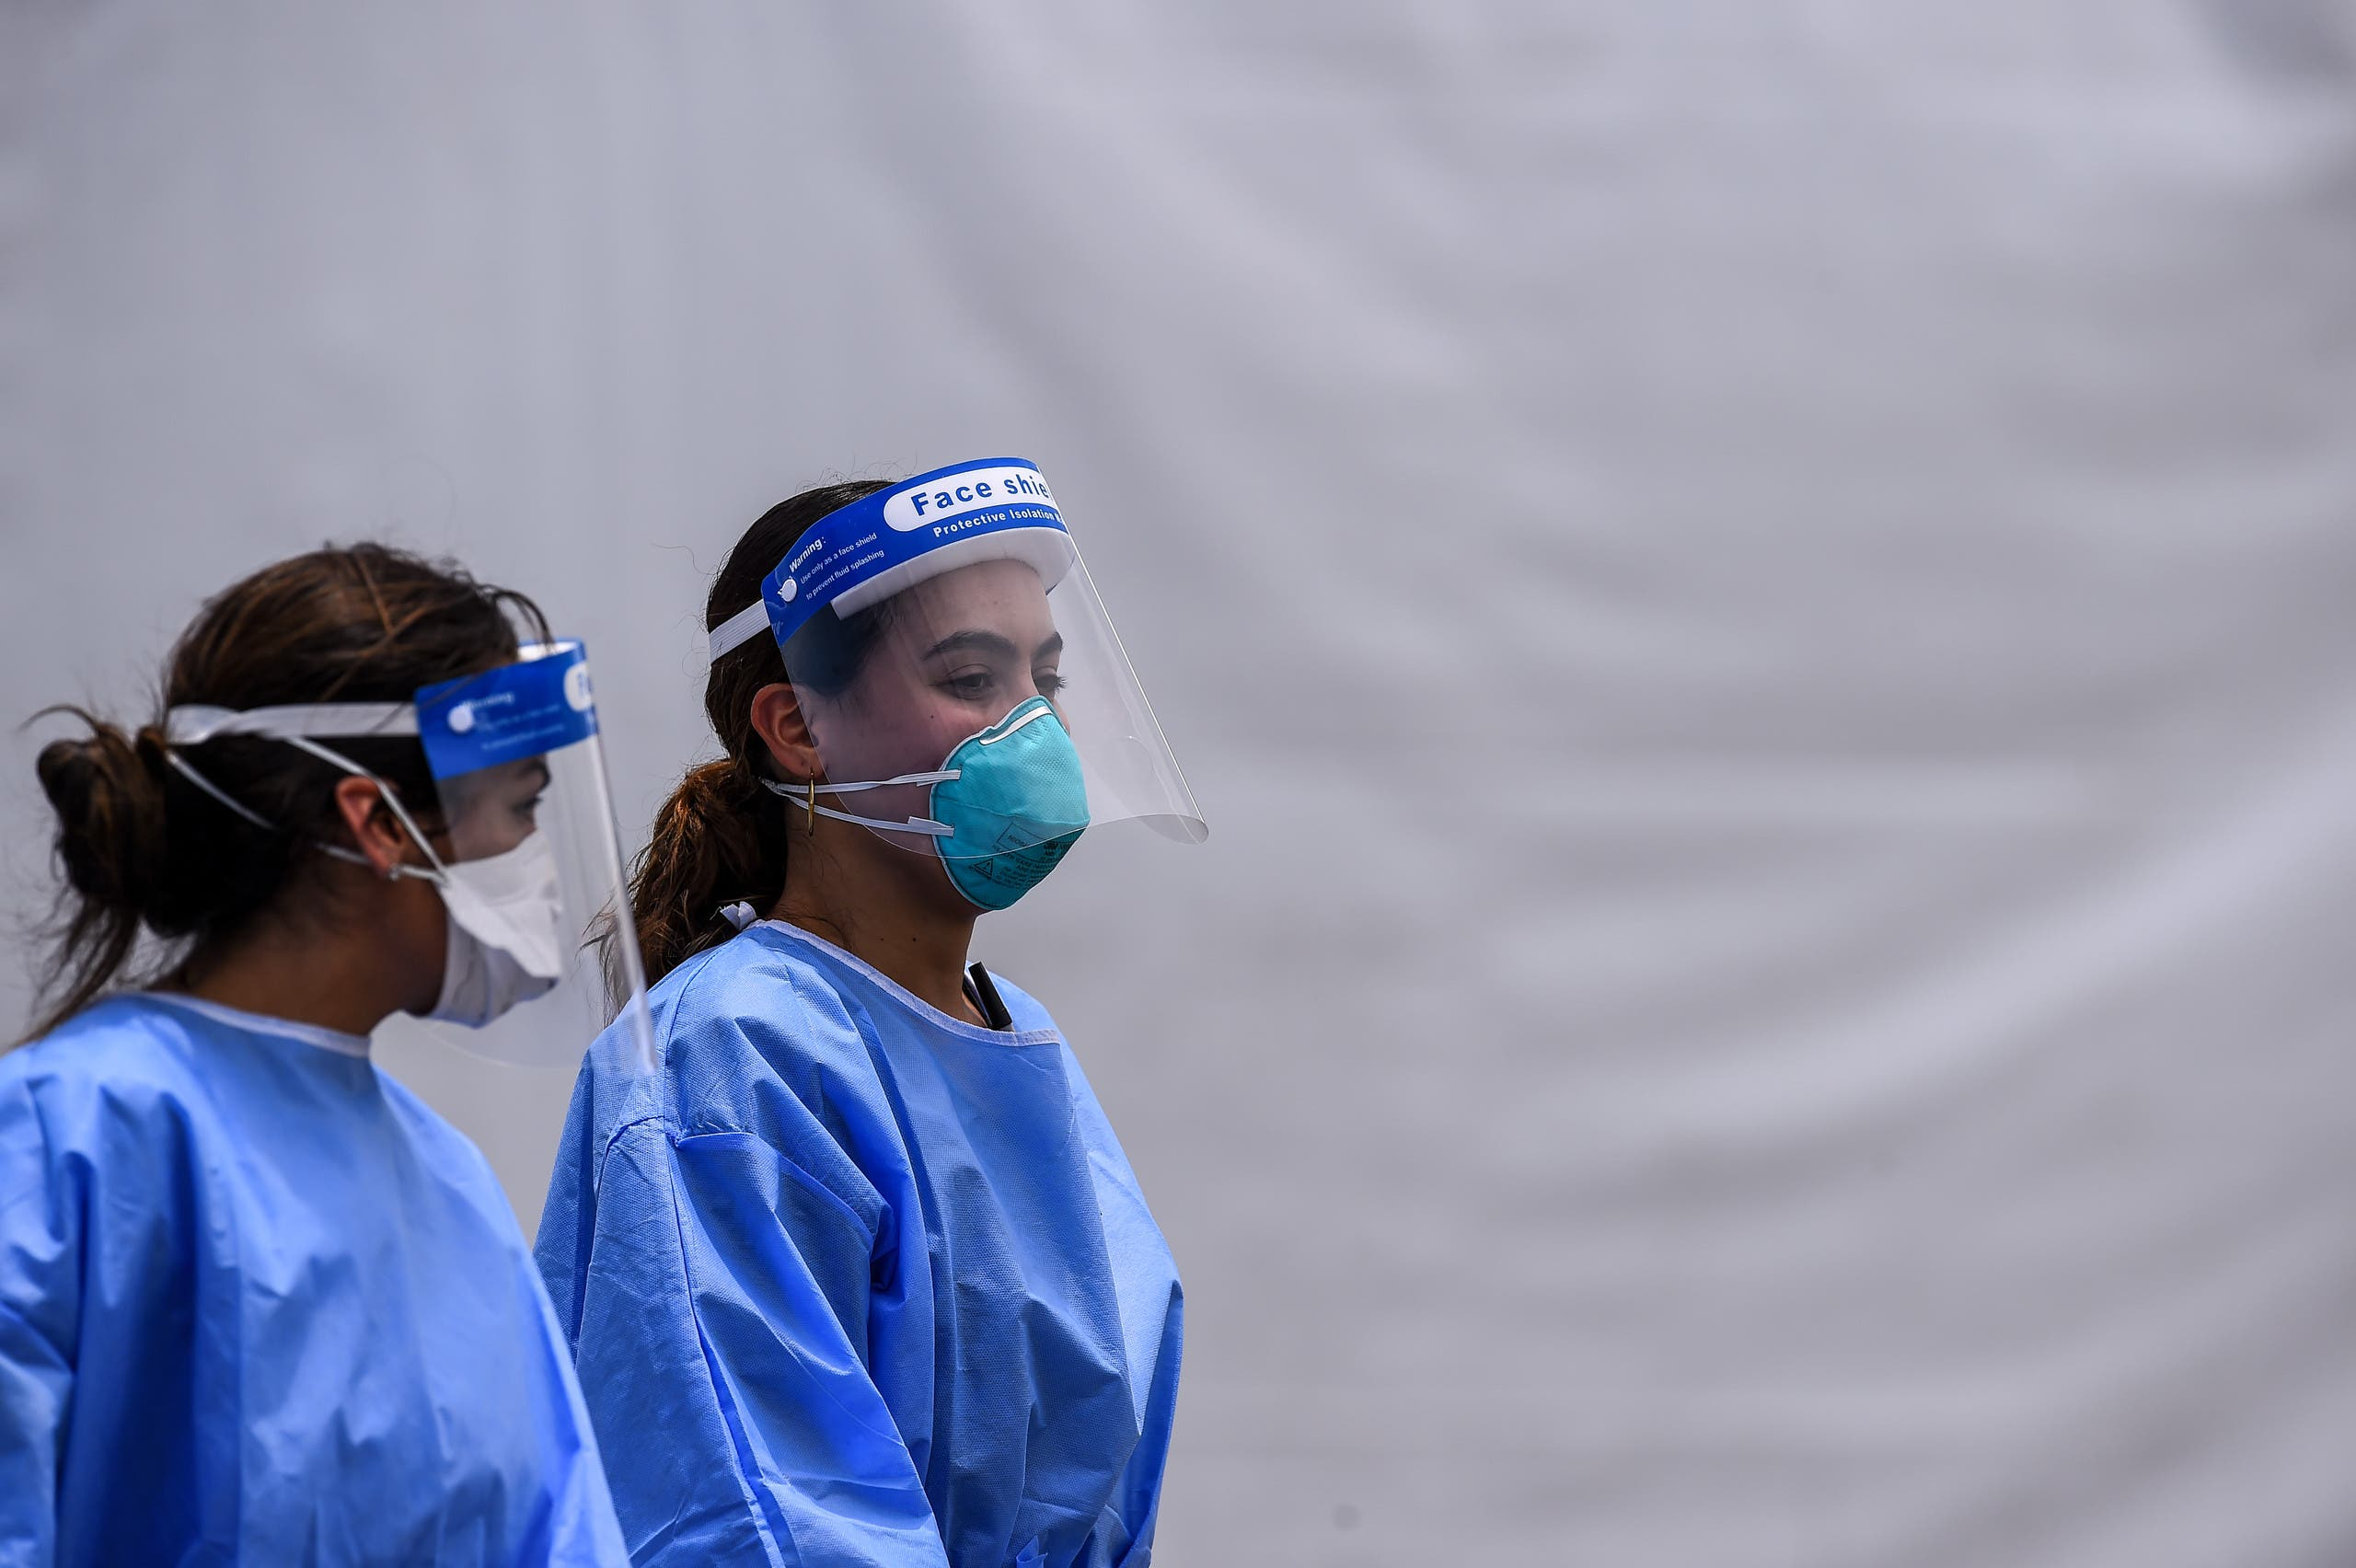 ممرضتان في مكان للخضوع لفحص كورونا في ميامي